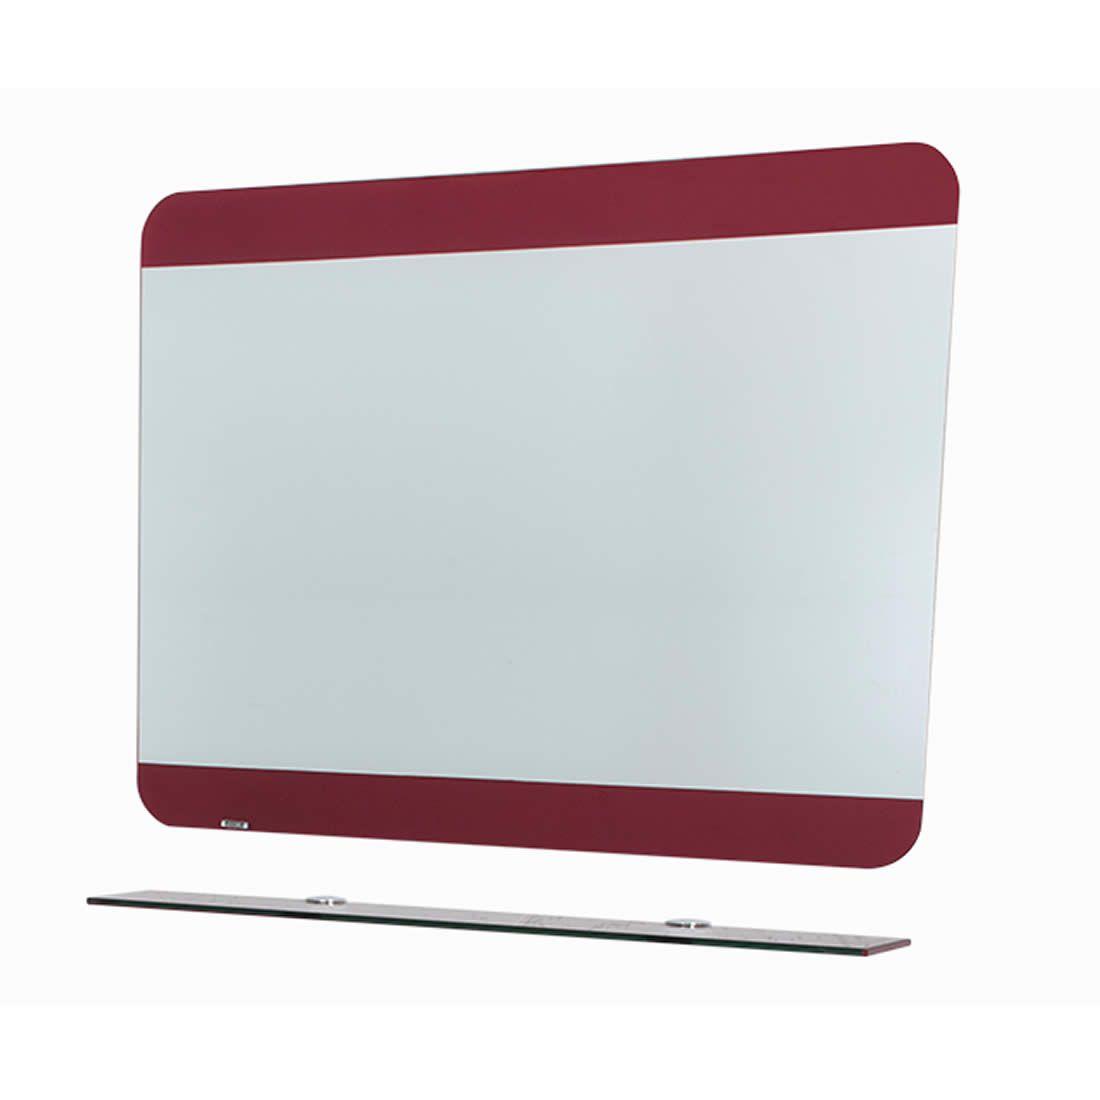 Espelheira Astra Romantique Vermelha 60 x 80 cm Ref EPBF/R